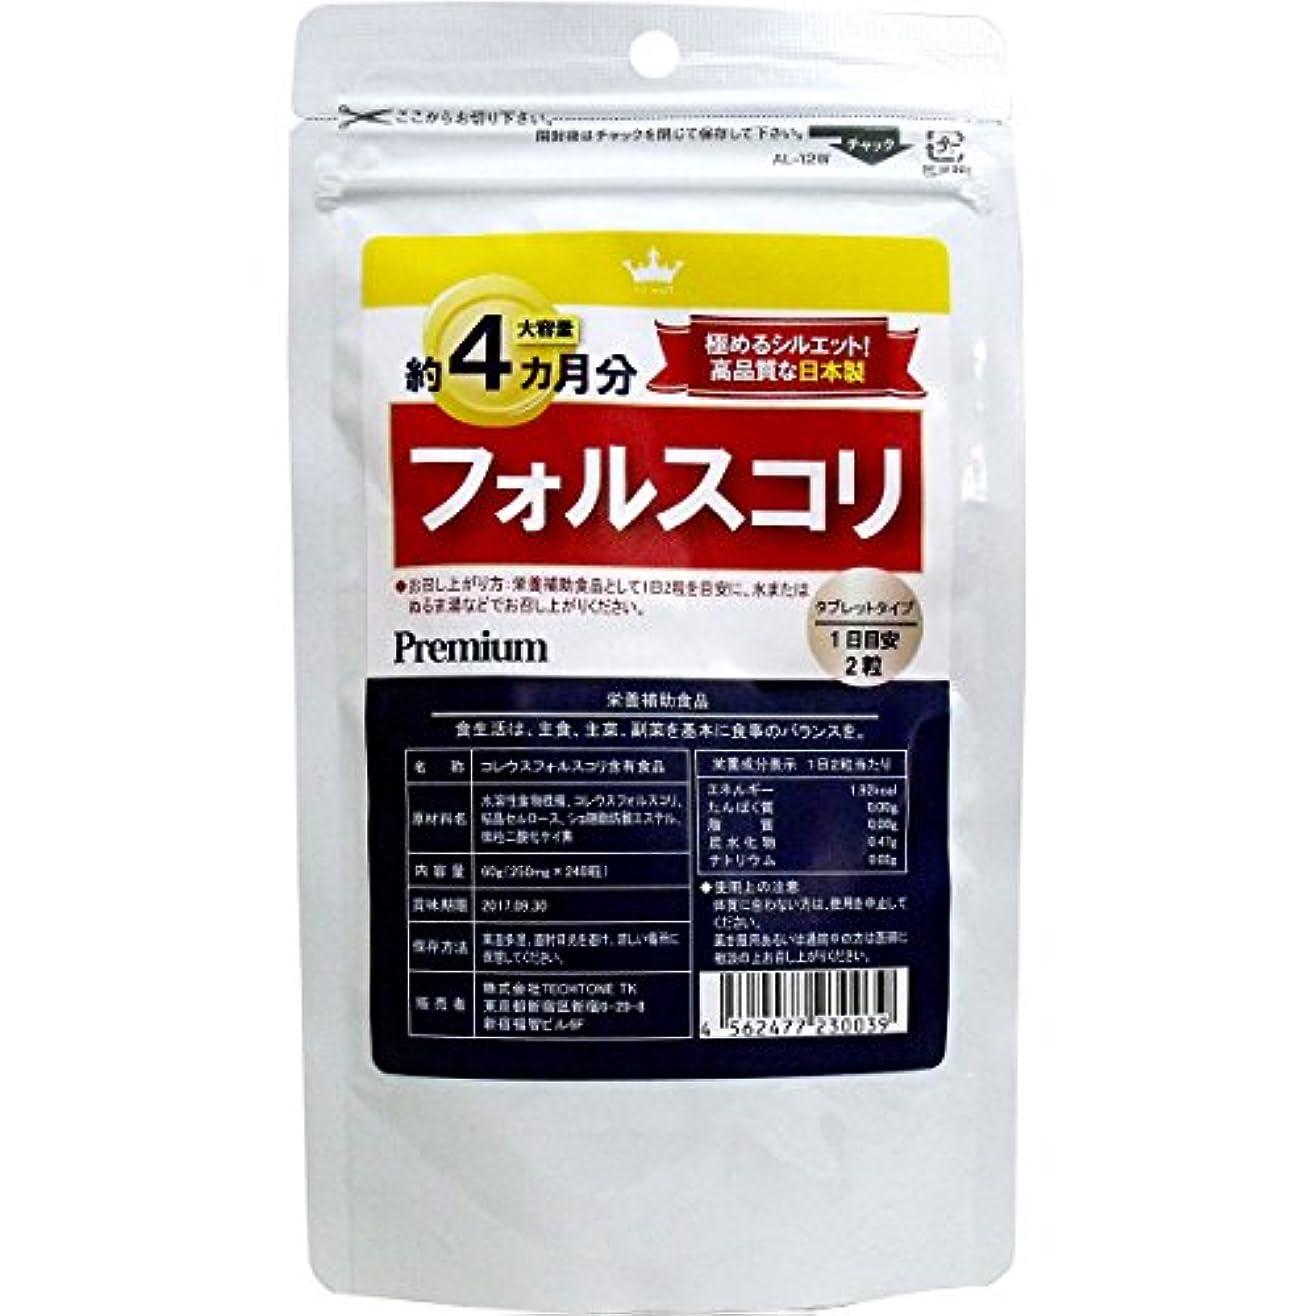 科学的支配的襲撃サプリメント 高品質な日本製 健康食品 フォルスコリ 約4カ月分 240粒入【4個セット】